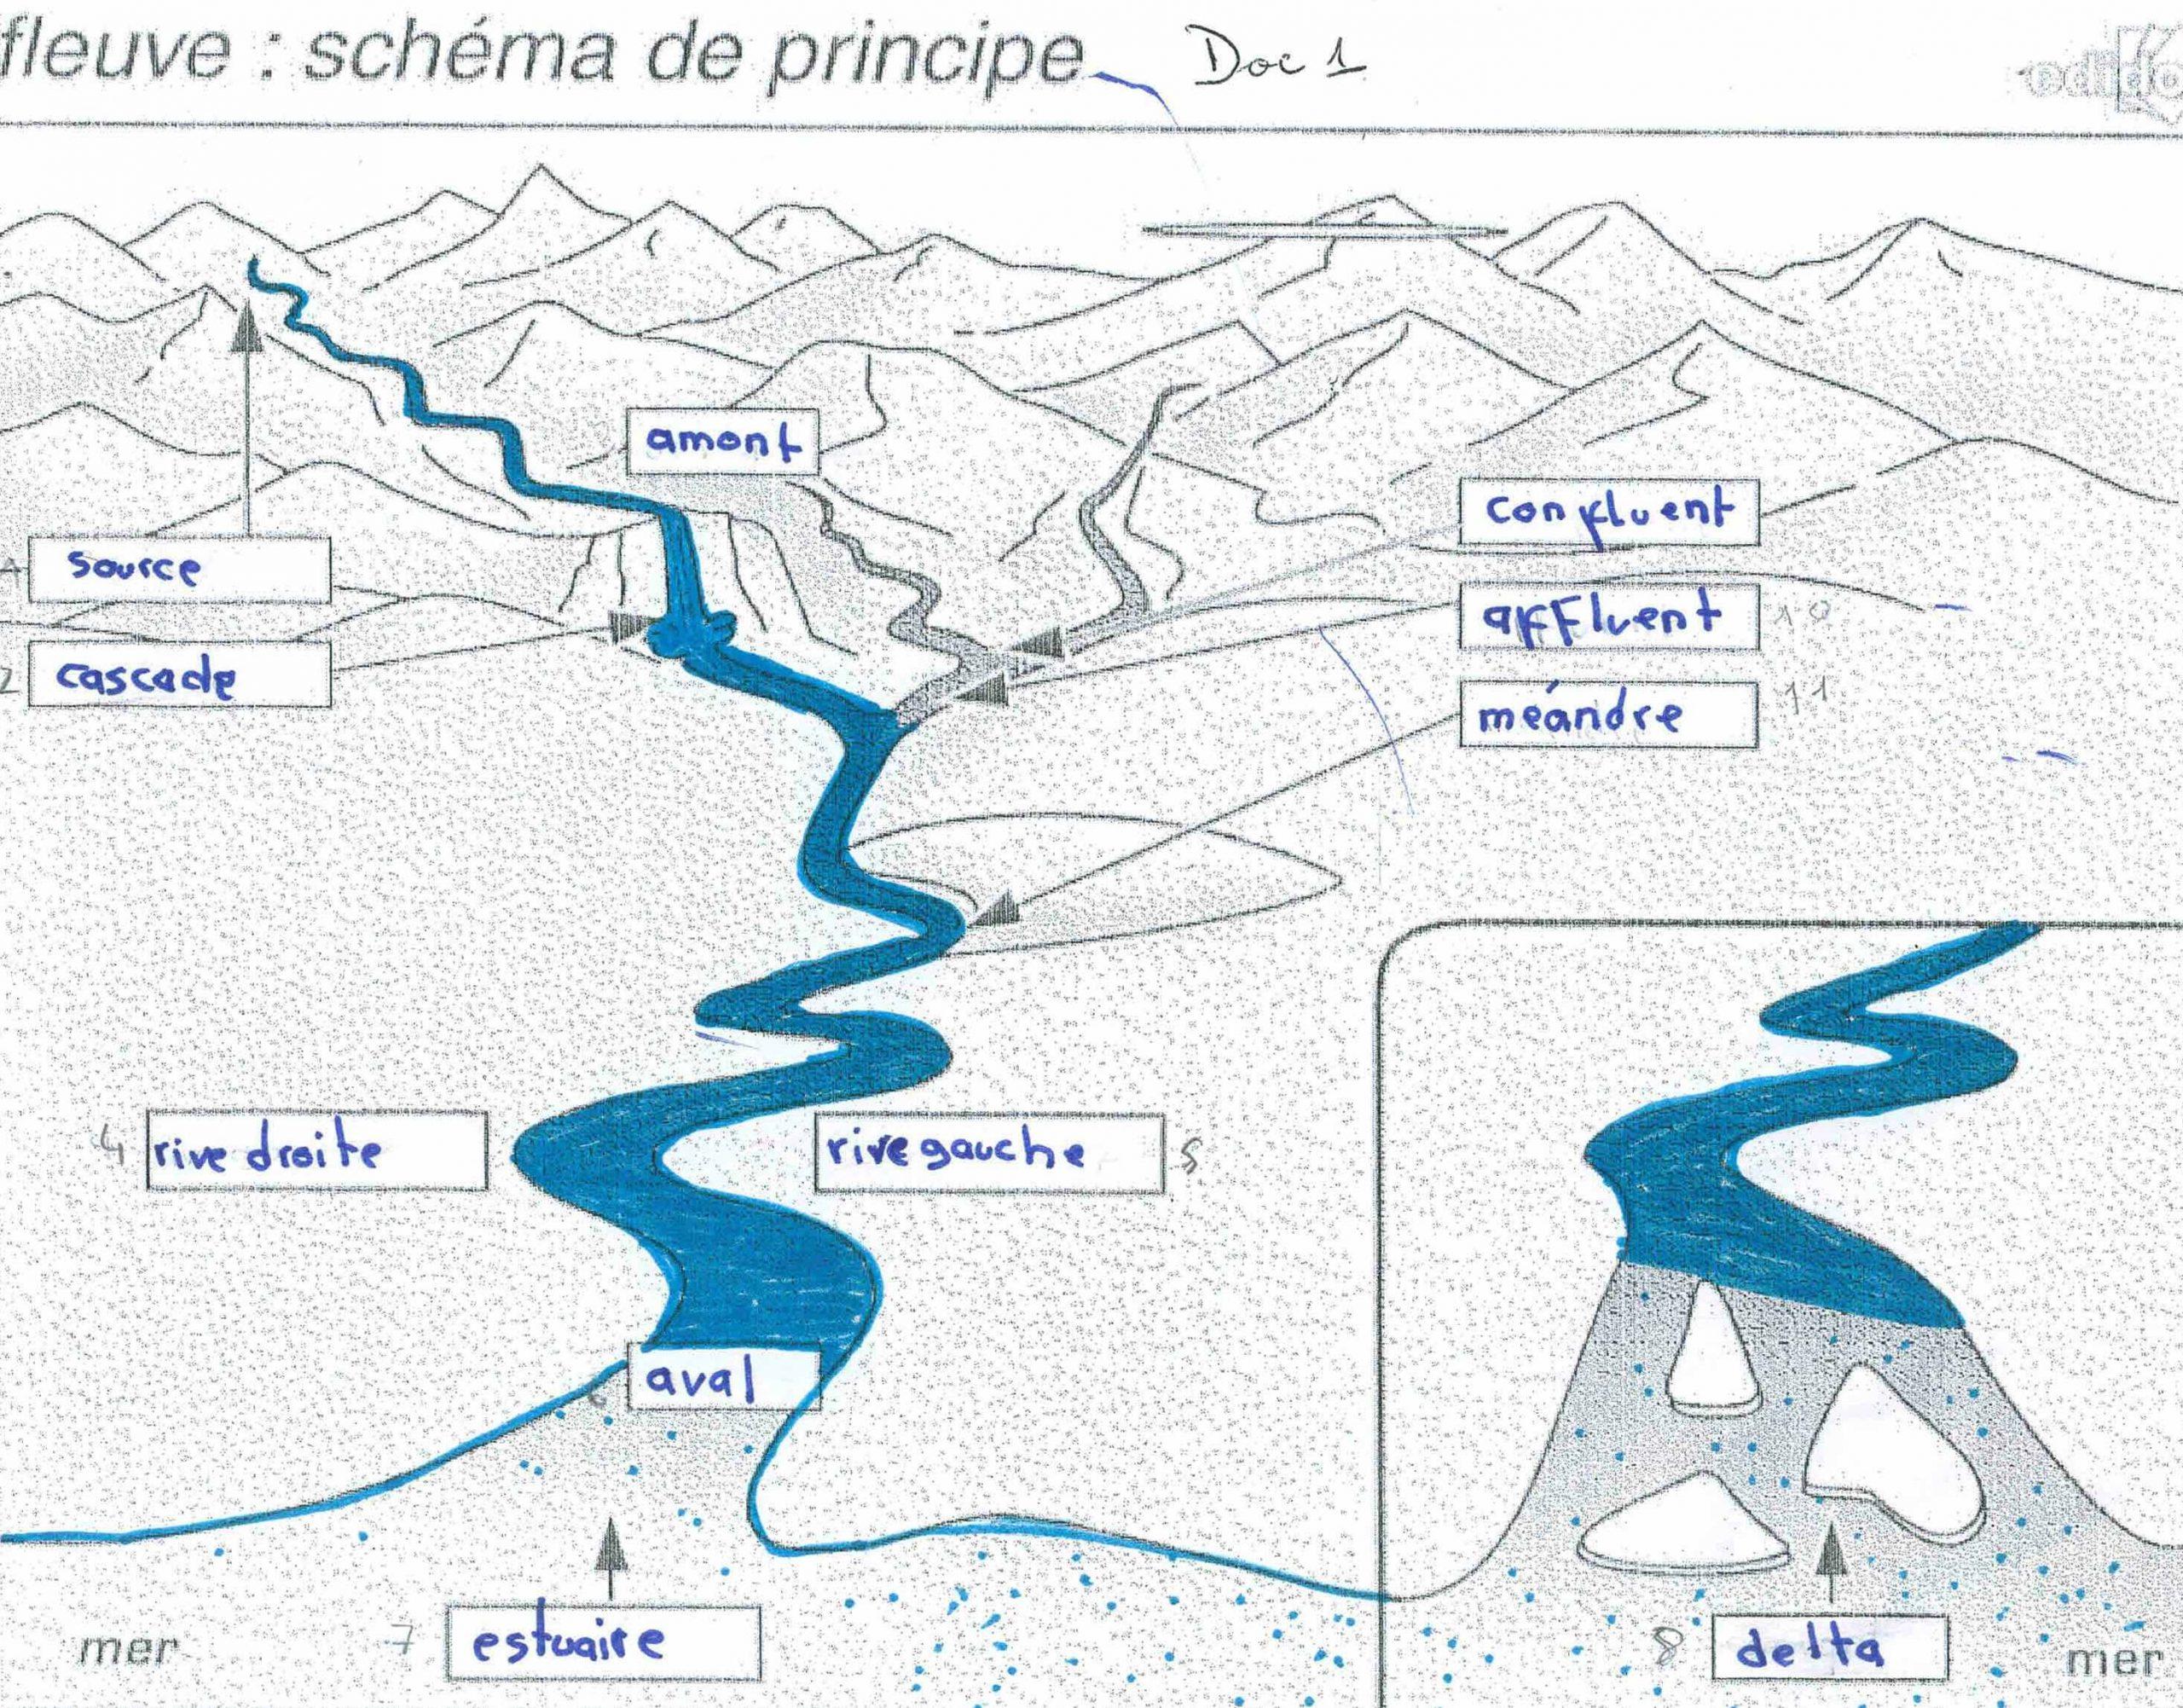 Blog De M.douzant ( Ex Cm 1) / Bienvenue / Welcome concernant Les Fleuves En France Cycle 3